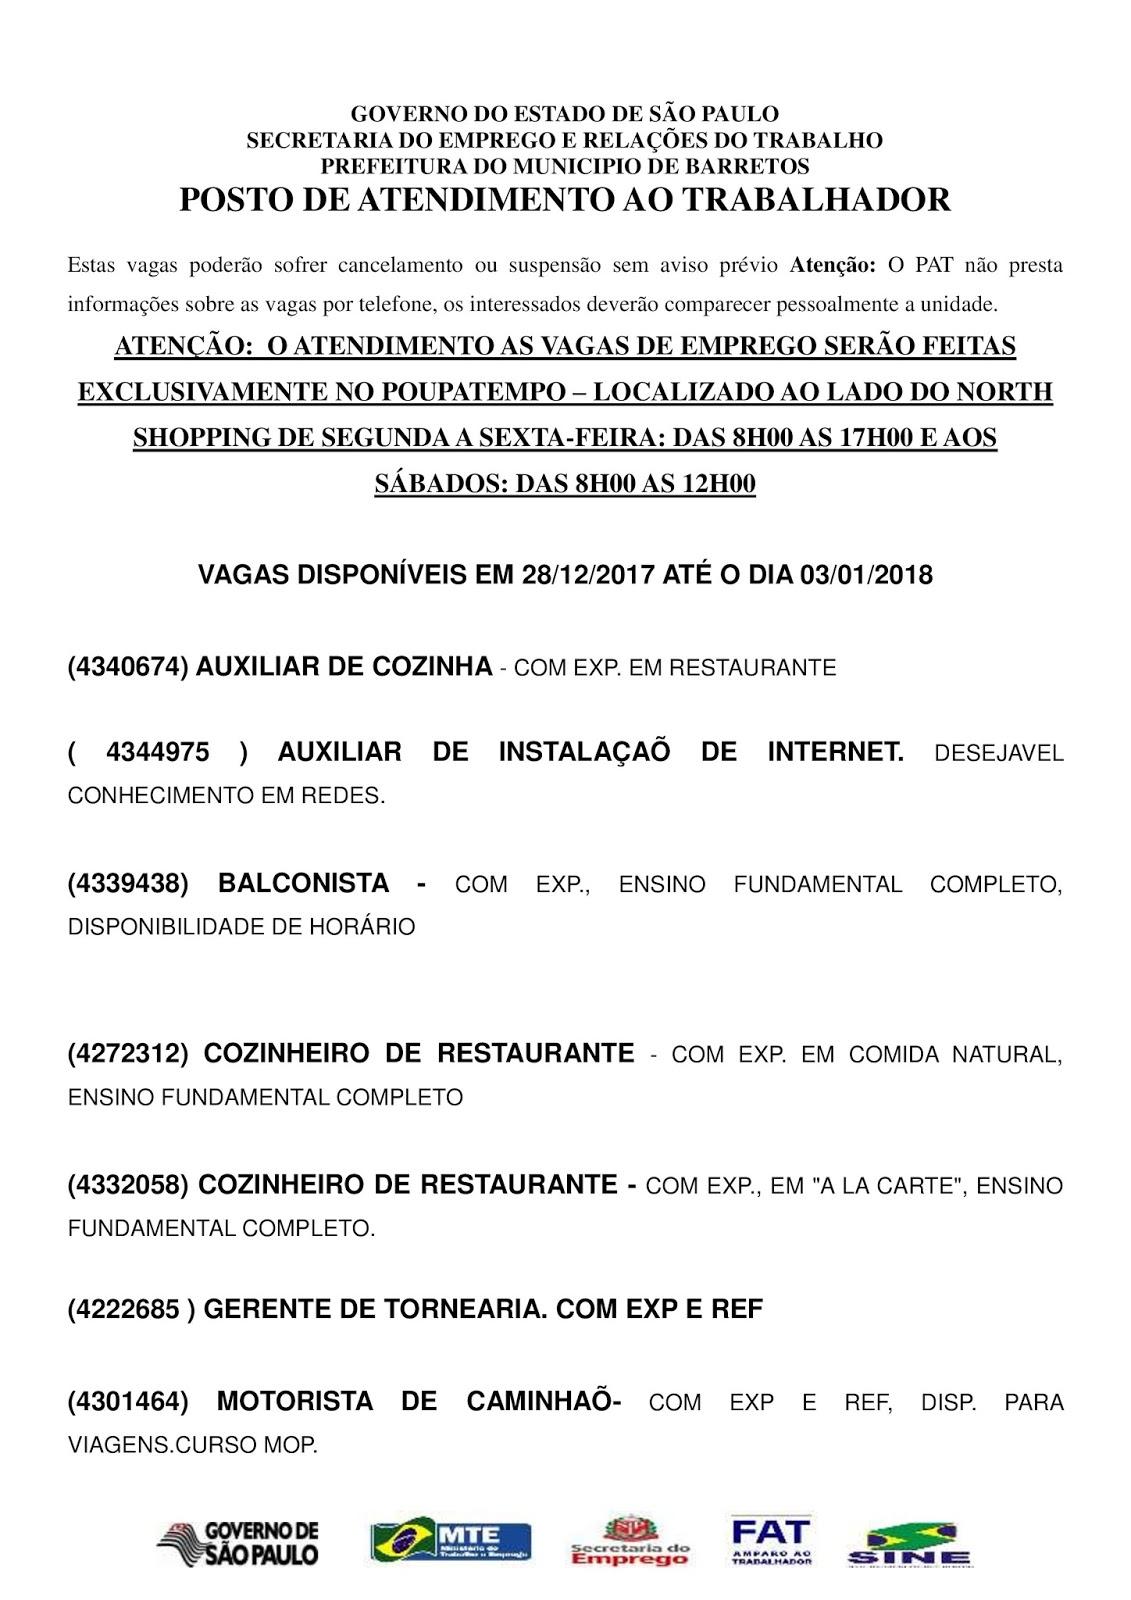 VAGAS DE EMPREGO DO PAT BARRETOS-SP PARA 28/12/2017 QUINTA-FEIRA À 03/01/2018 QUARTA-FEIRA - Pág. 1